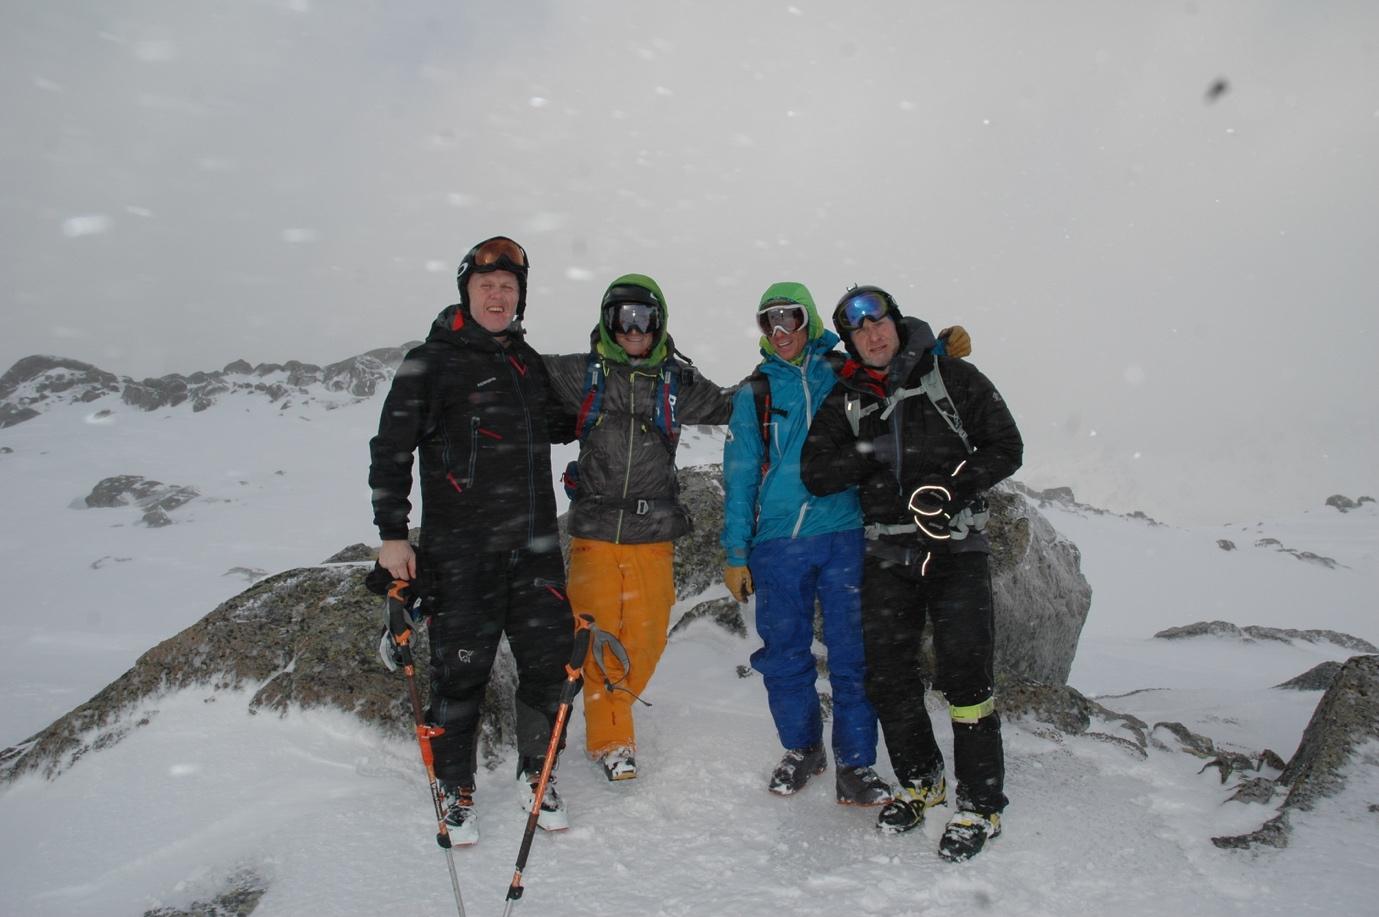 Team Lofoten